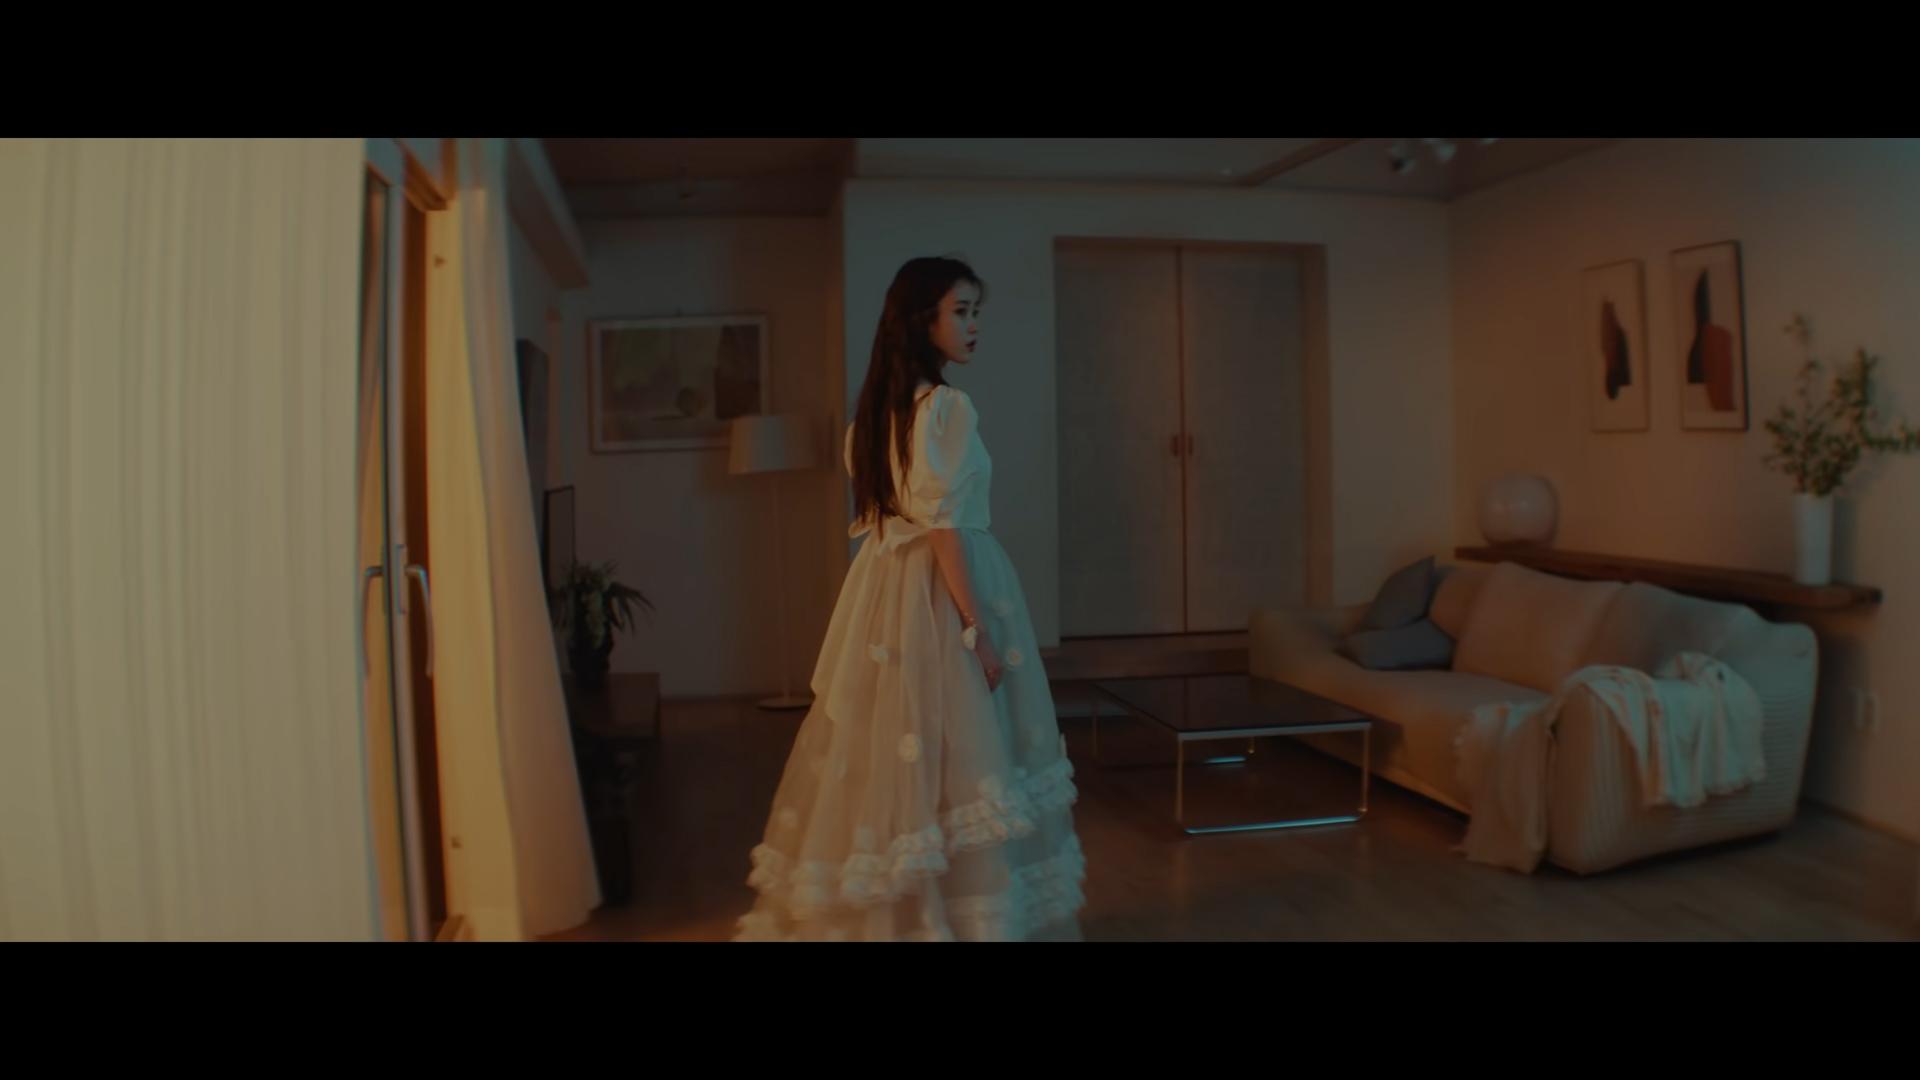 ca sĩ IU mặc đầm voan dài xếp tầng trong mv eight